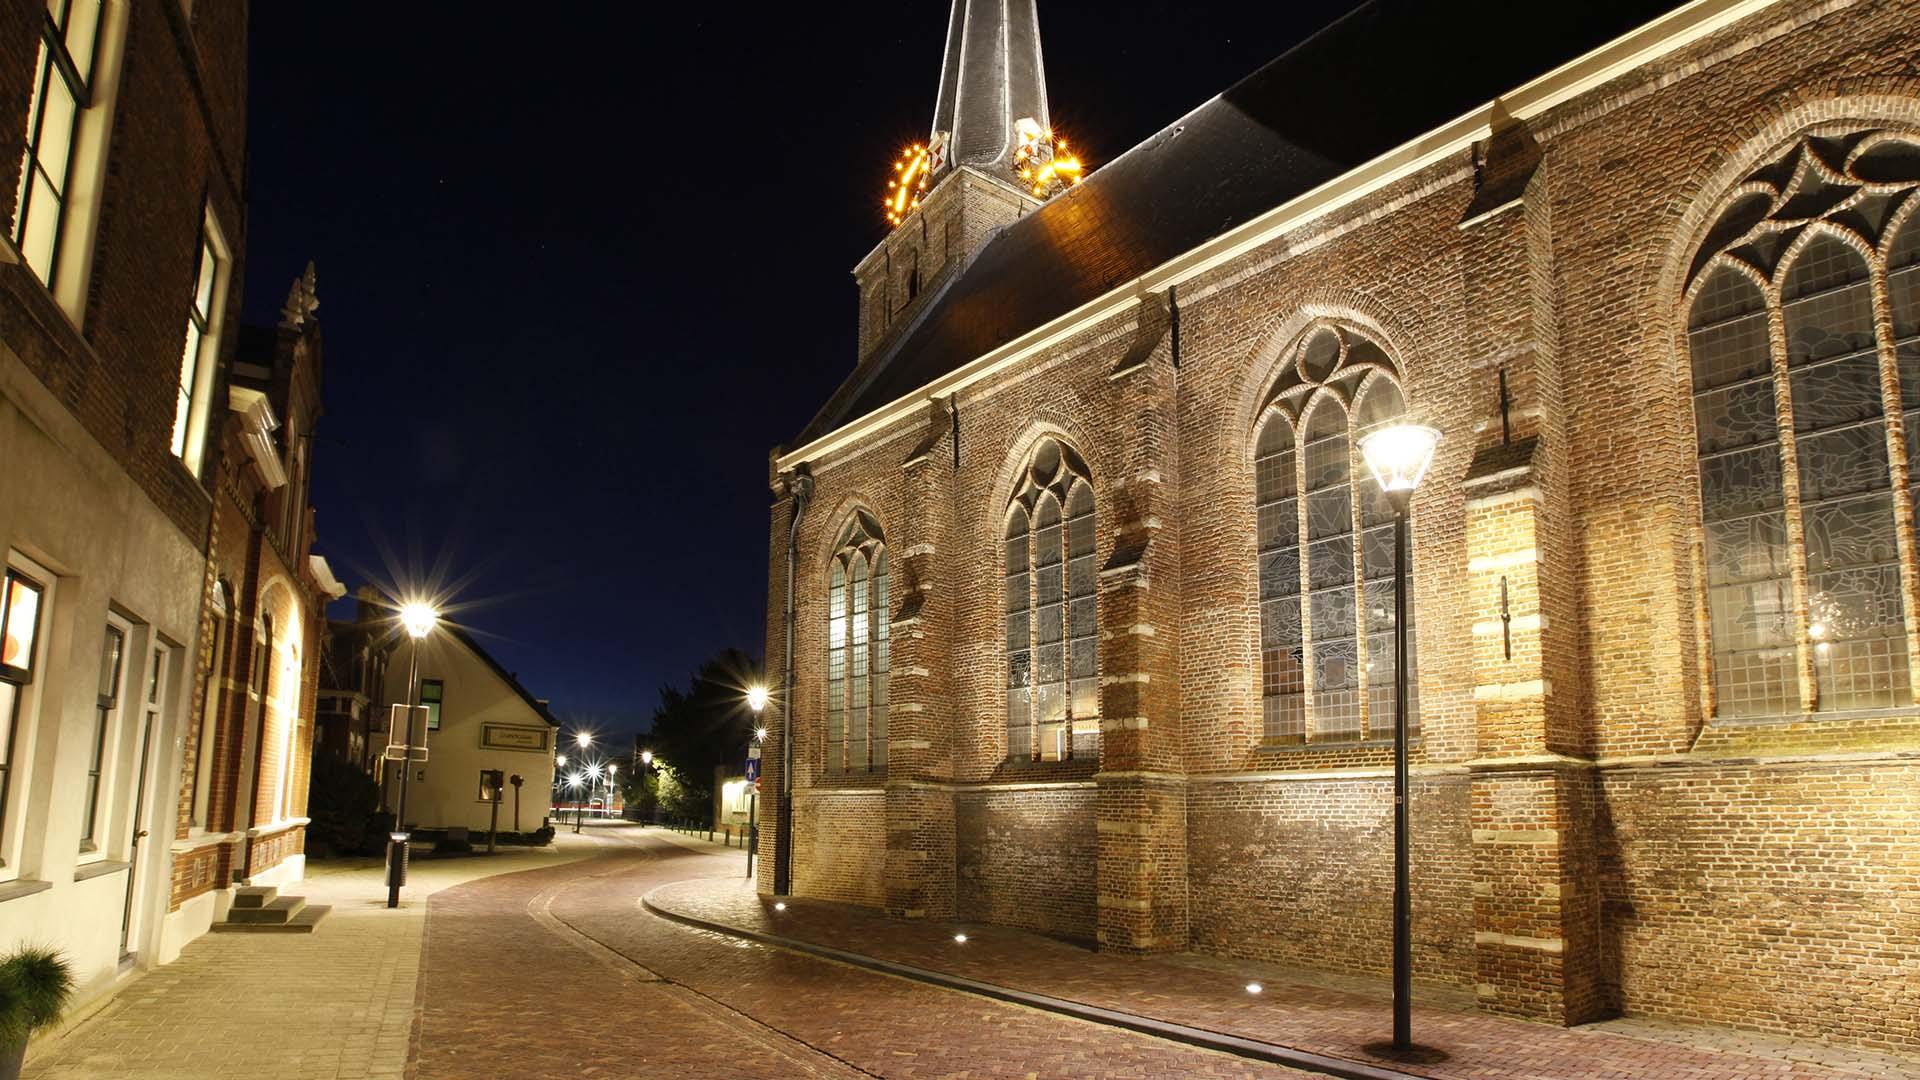 verlichting benadrukt architectonische elementen kerkgebouw - ipv ...